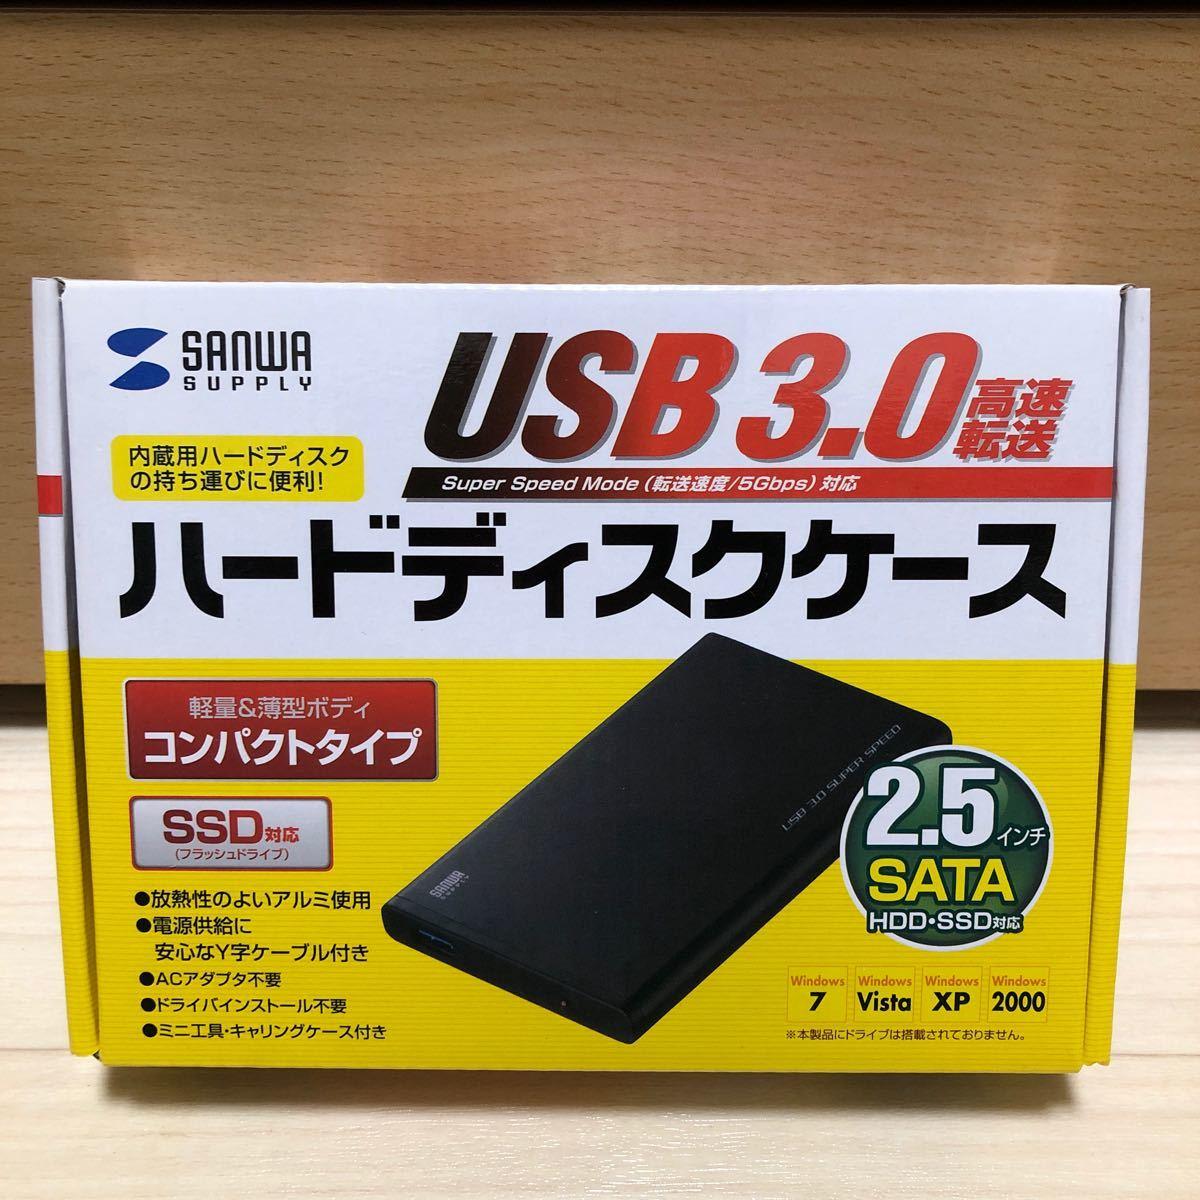 サンワサプライ USB3.0対応2.5インチハードディスクケース(SATA用) TK-RF253SAUL 中身のみ発送